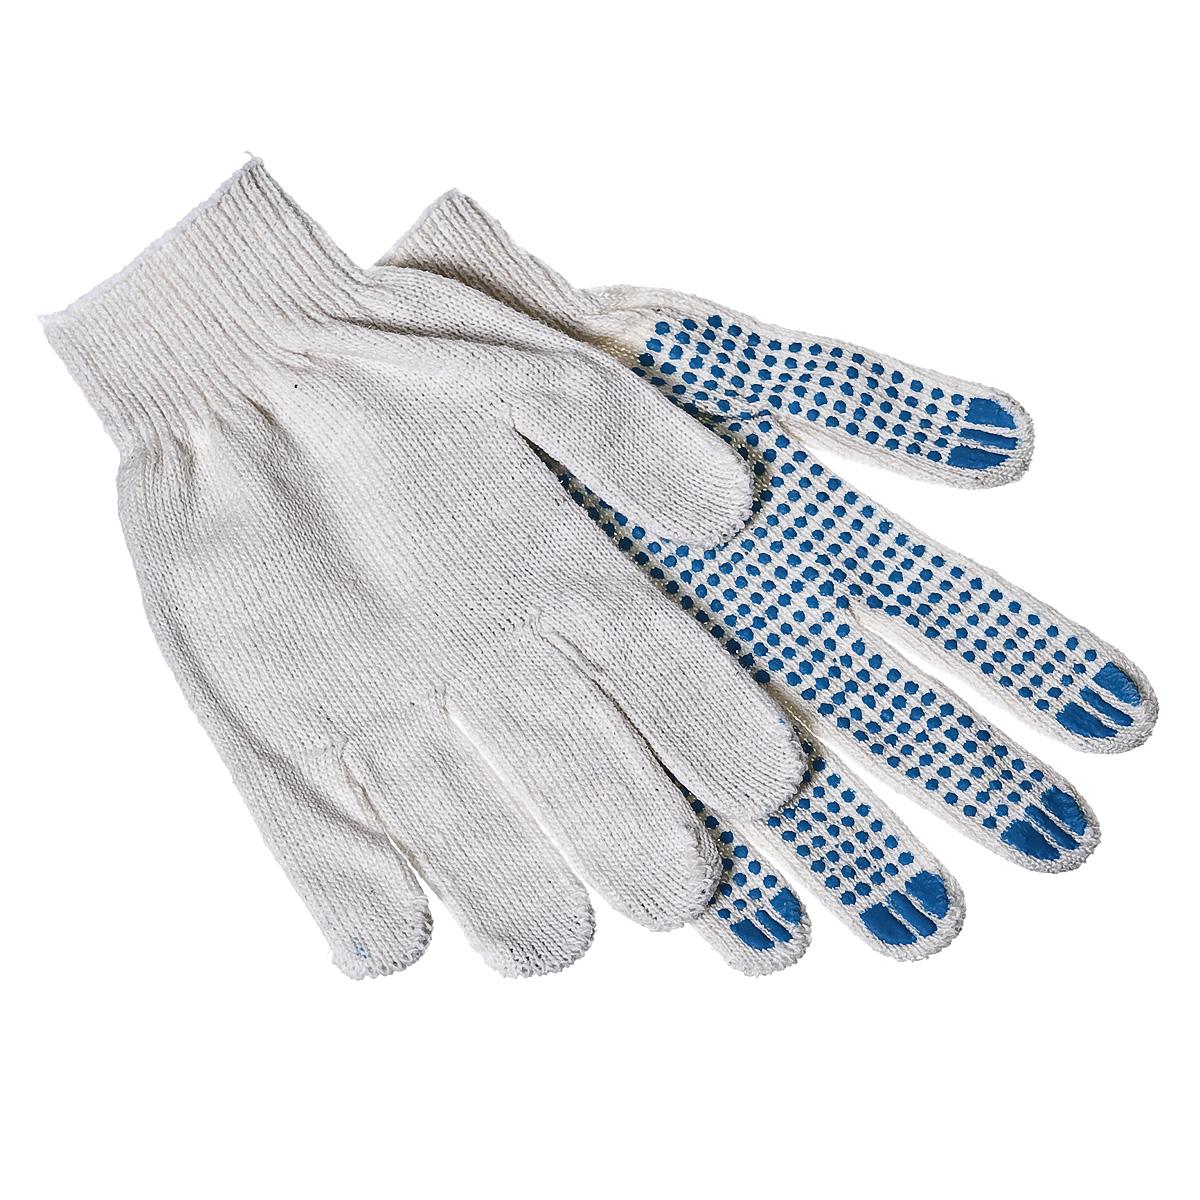 Перчатки 4 нити х.б. с ПВХ покрытием